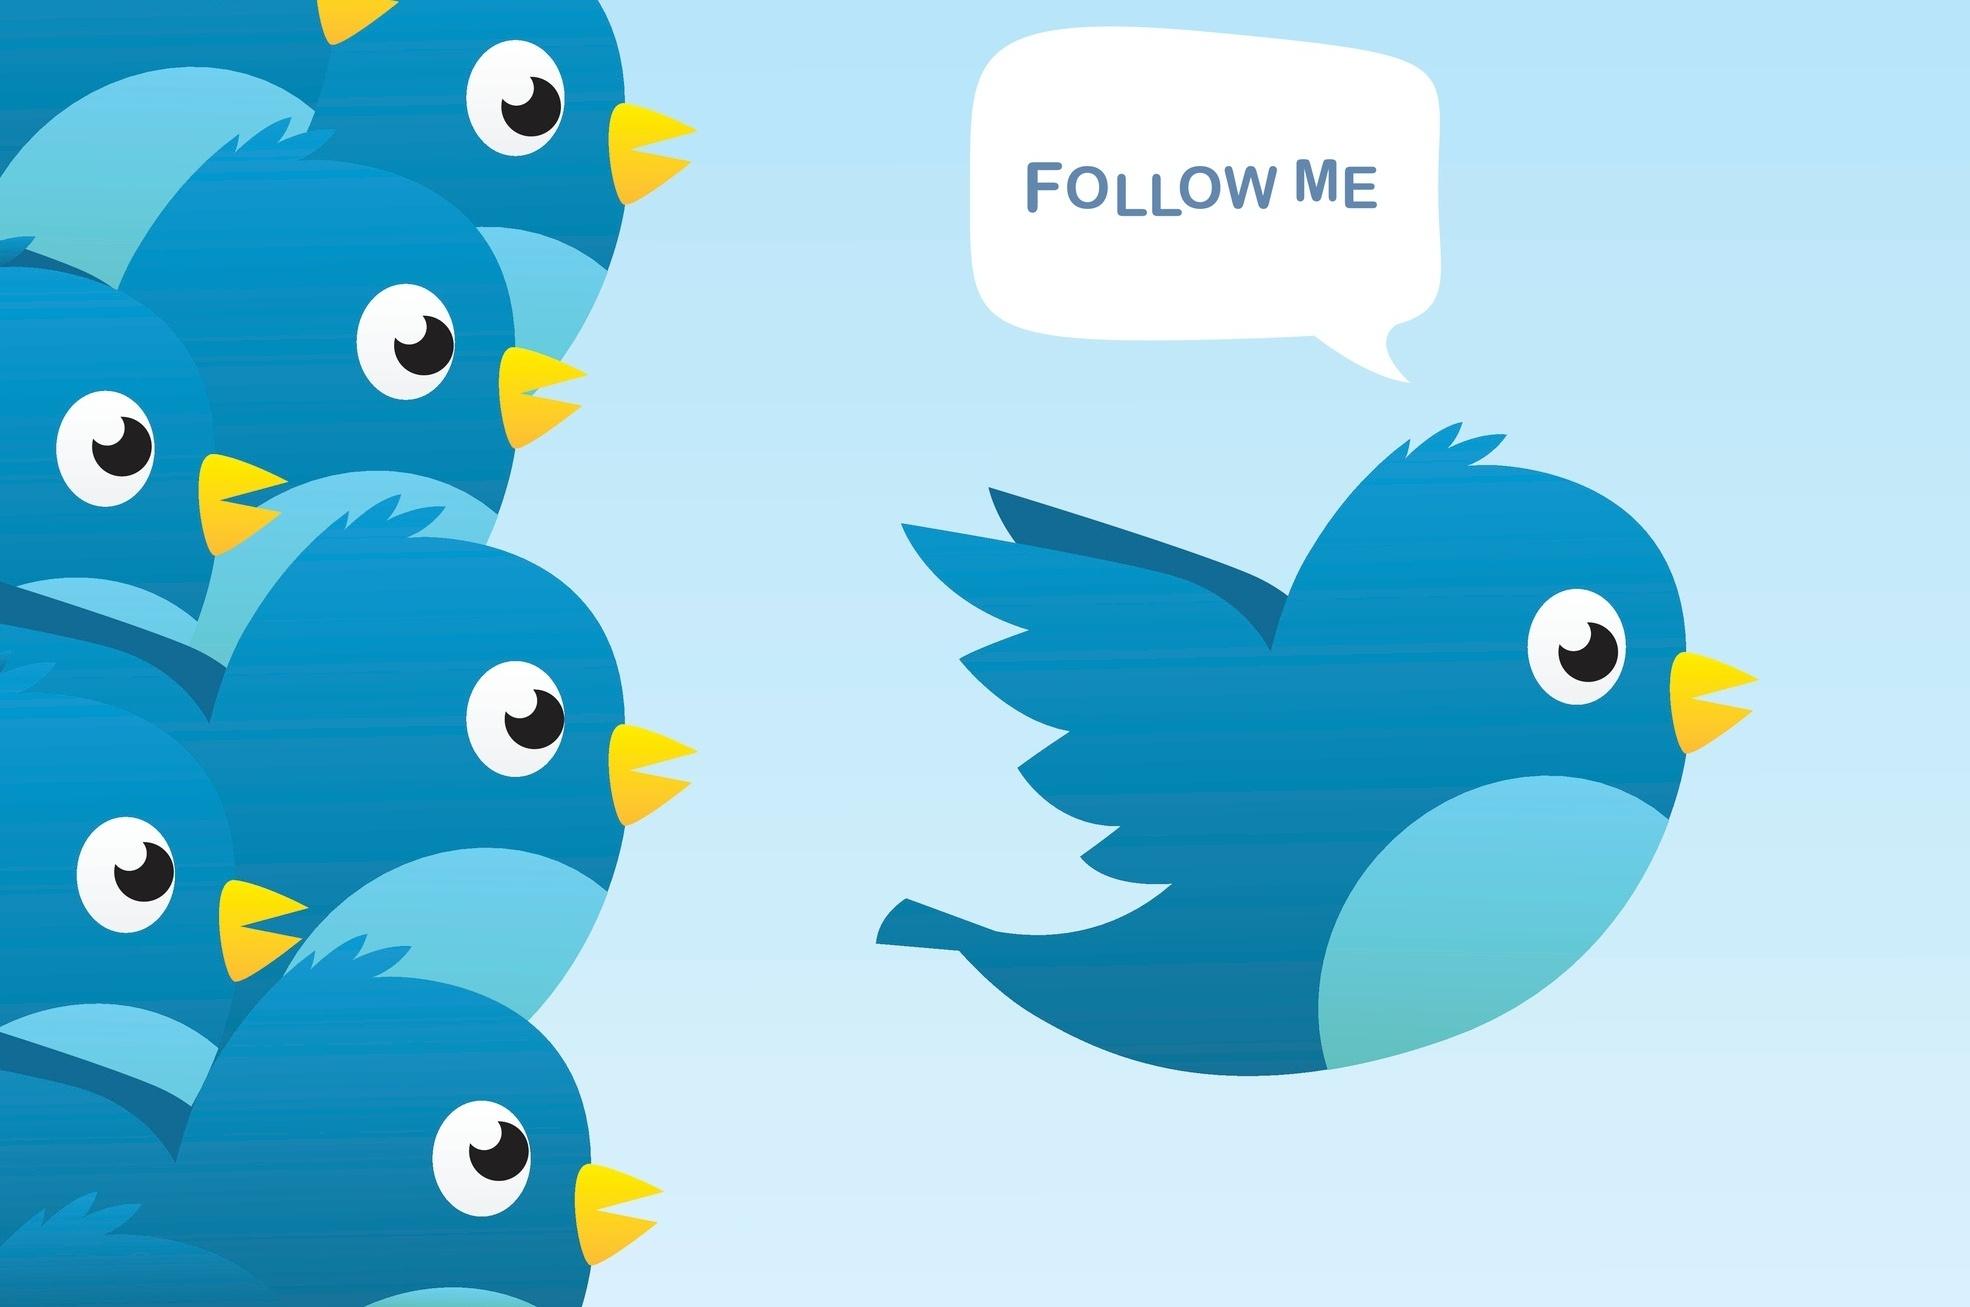 Cómo usar Twitter para conseguir más clientes: tips para tu equipo de ventas